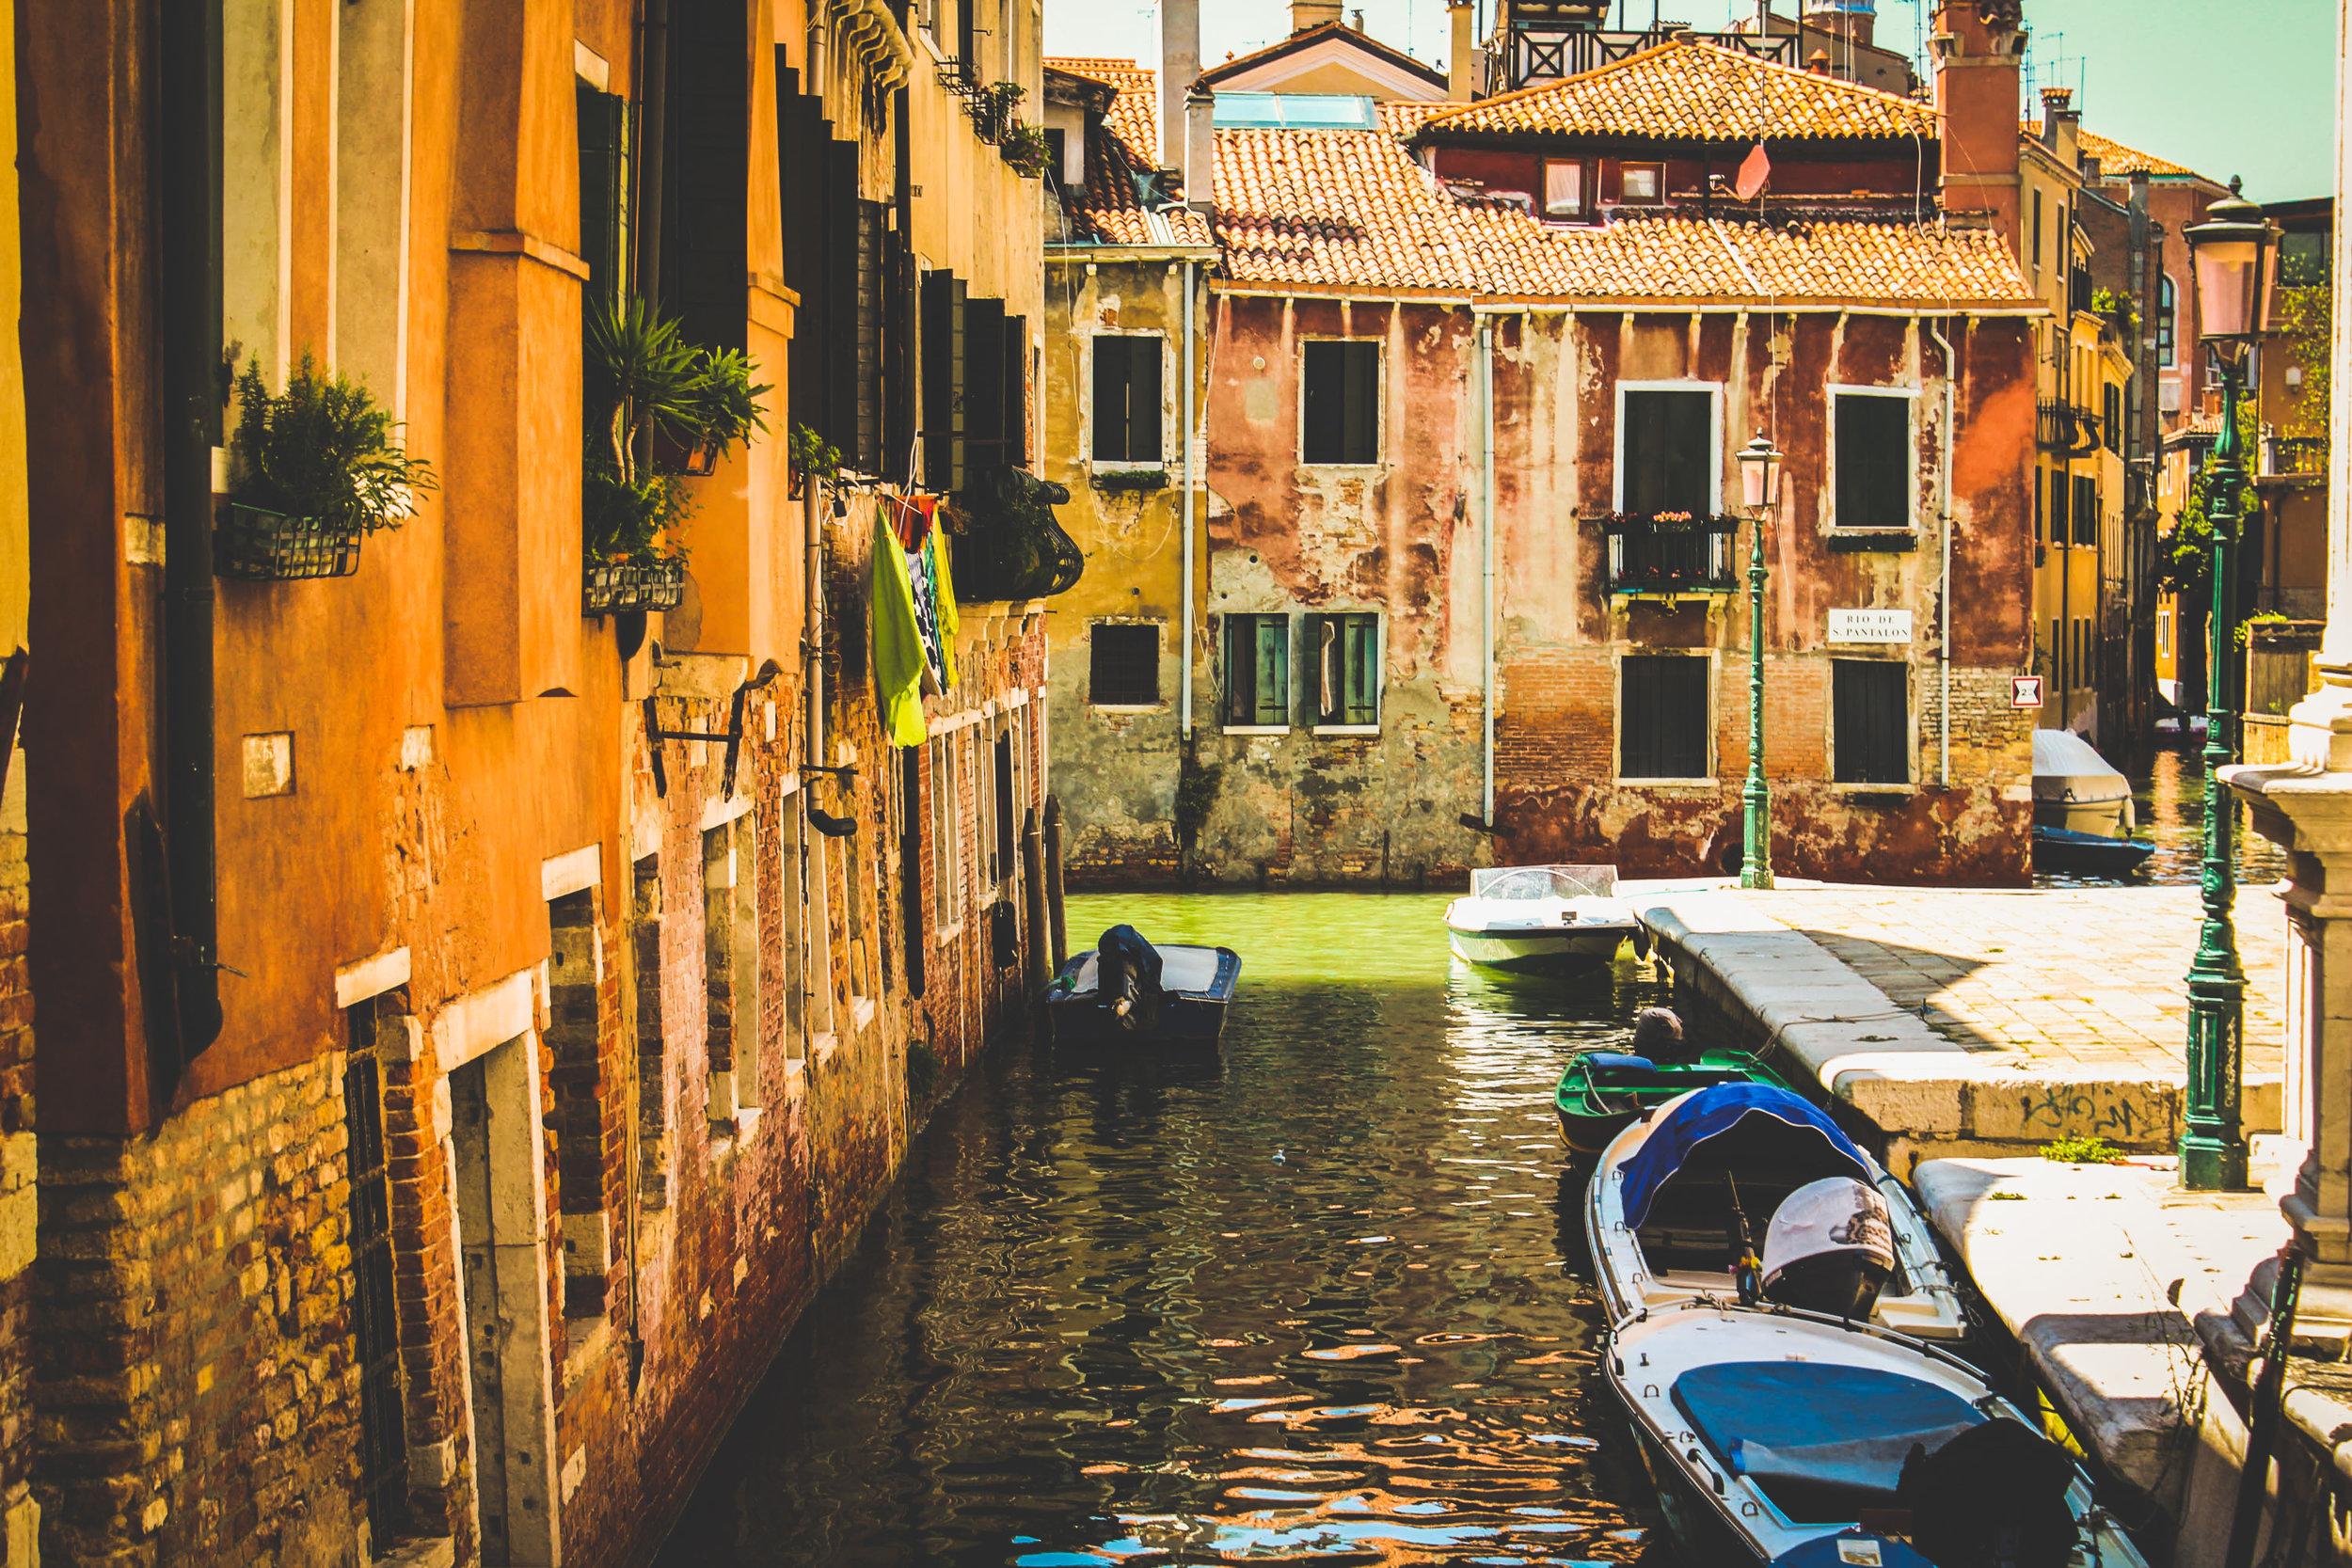 Venise, Italie. Credit: Carine Guillaud.